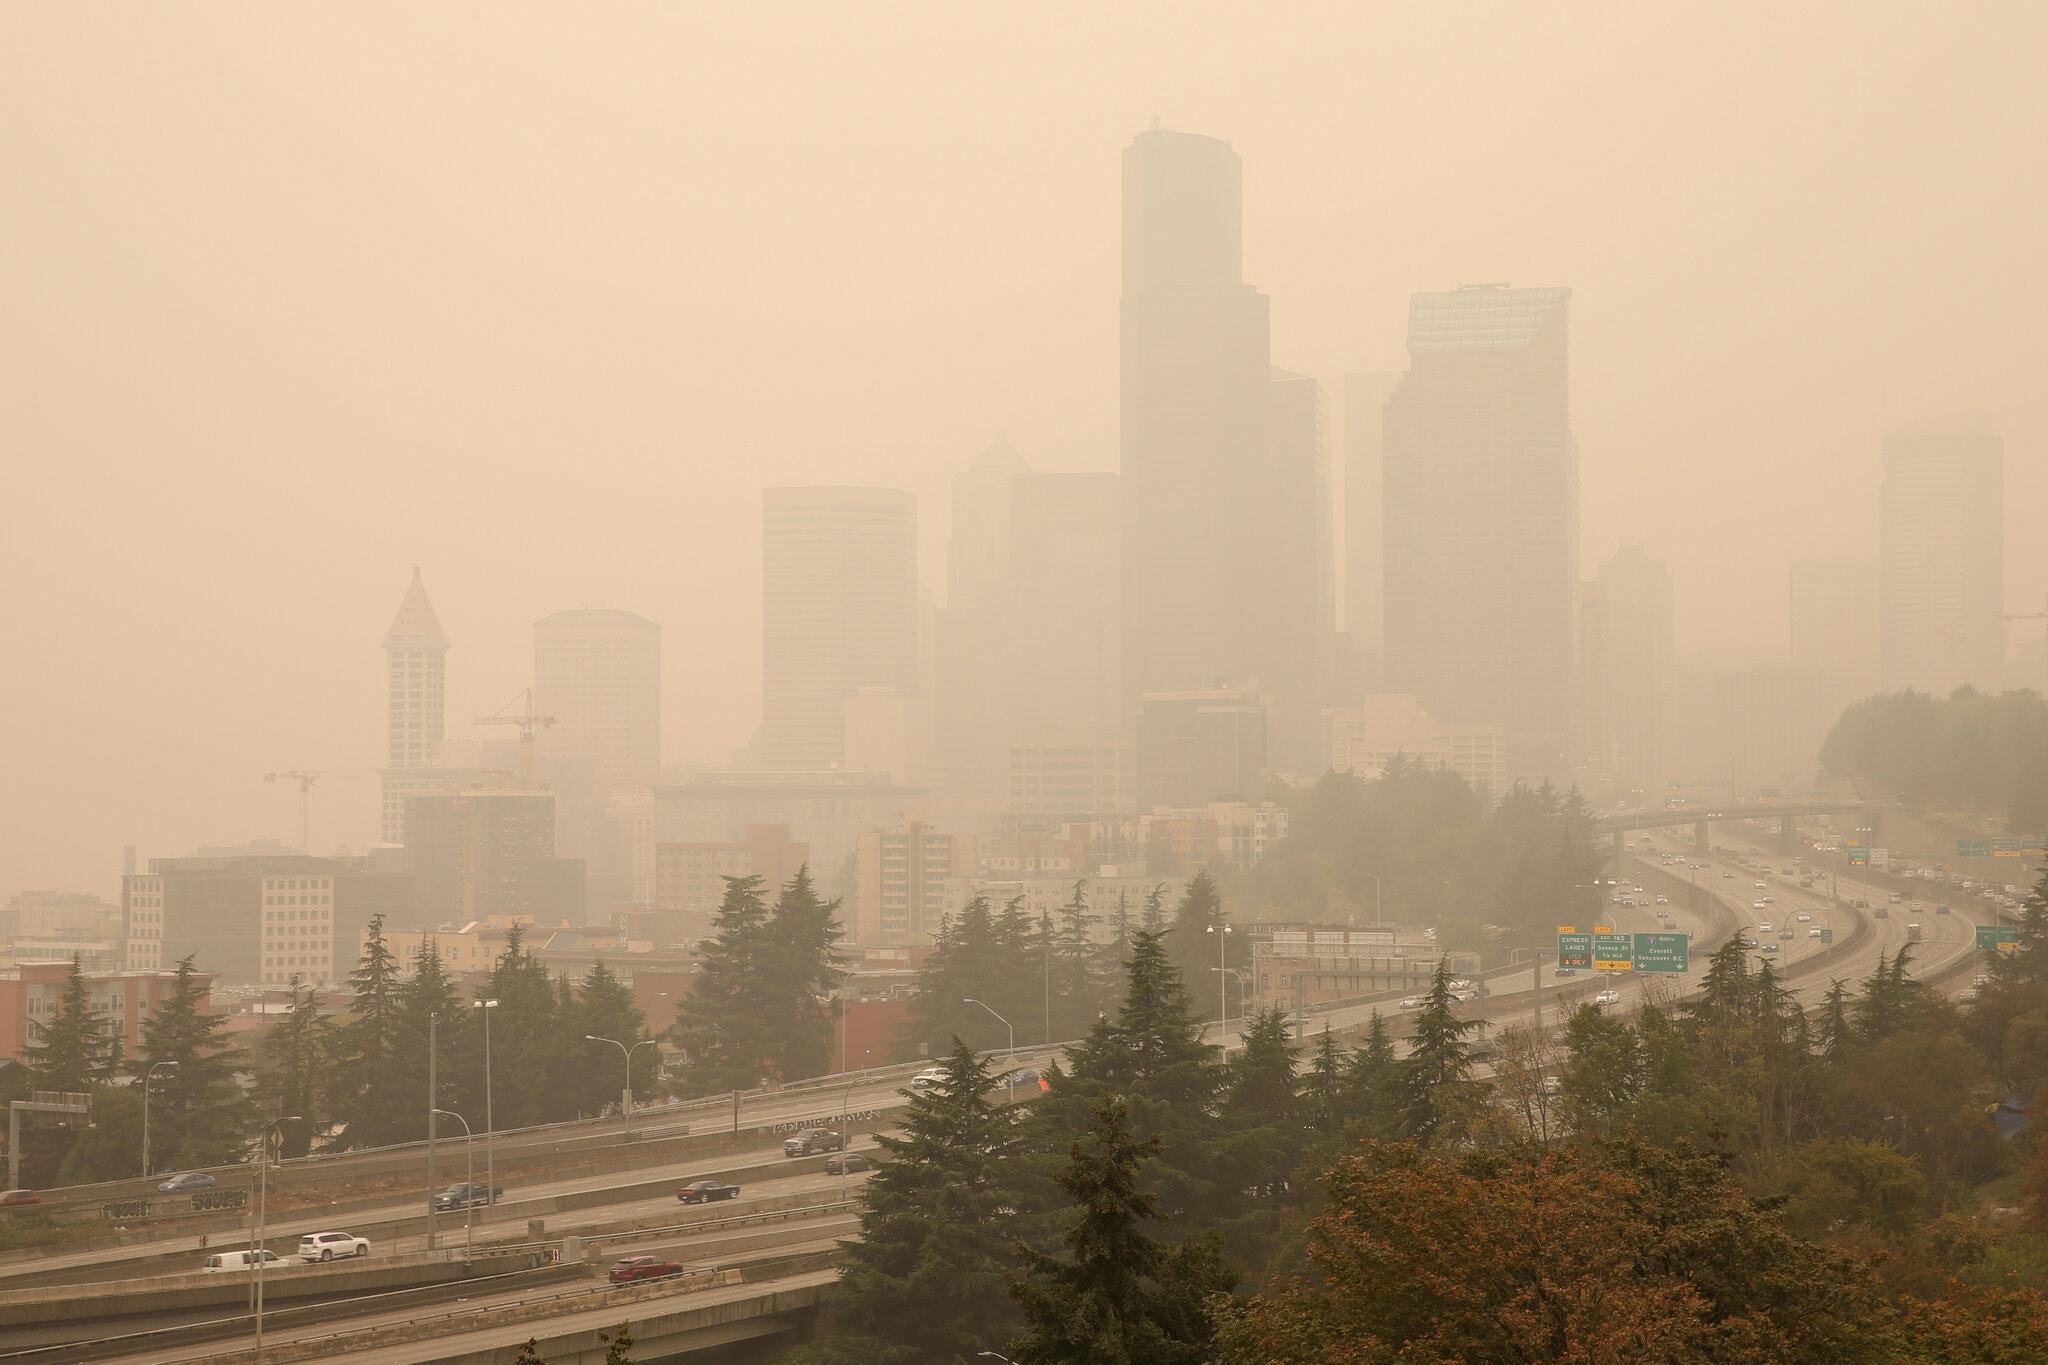 △山火产生的烟尘笼罩着华盛顿州西雅图市 图片来源:《纽约时报》